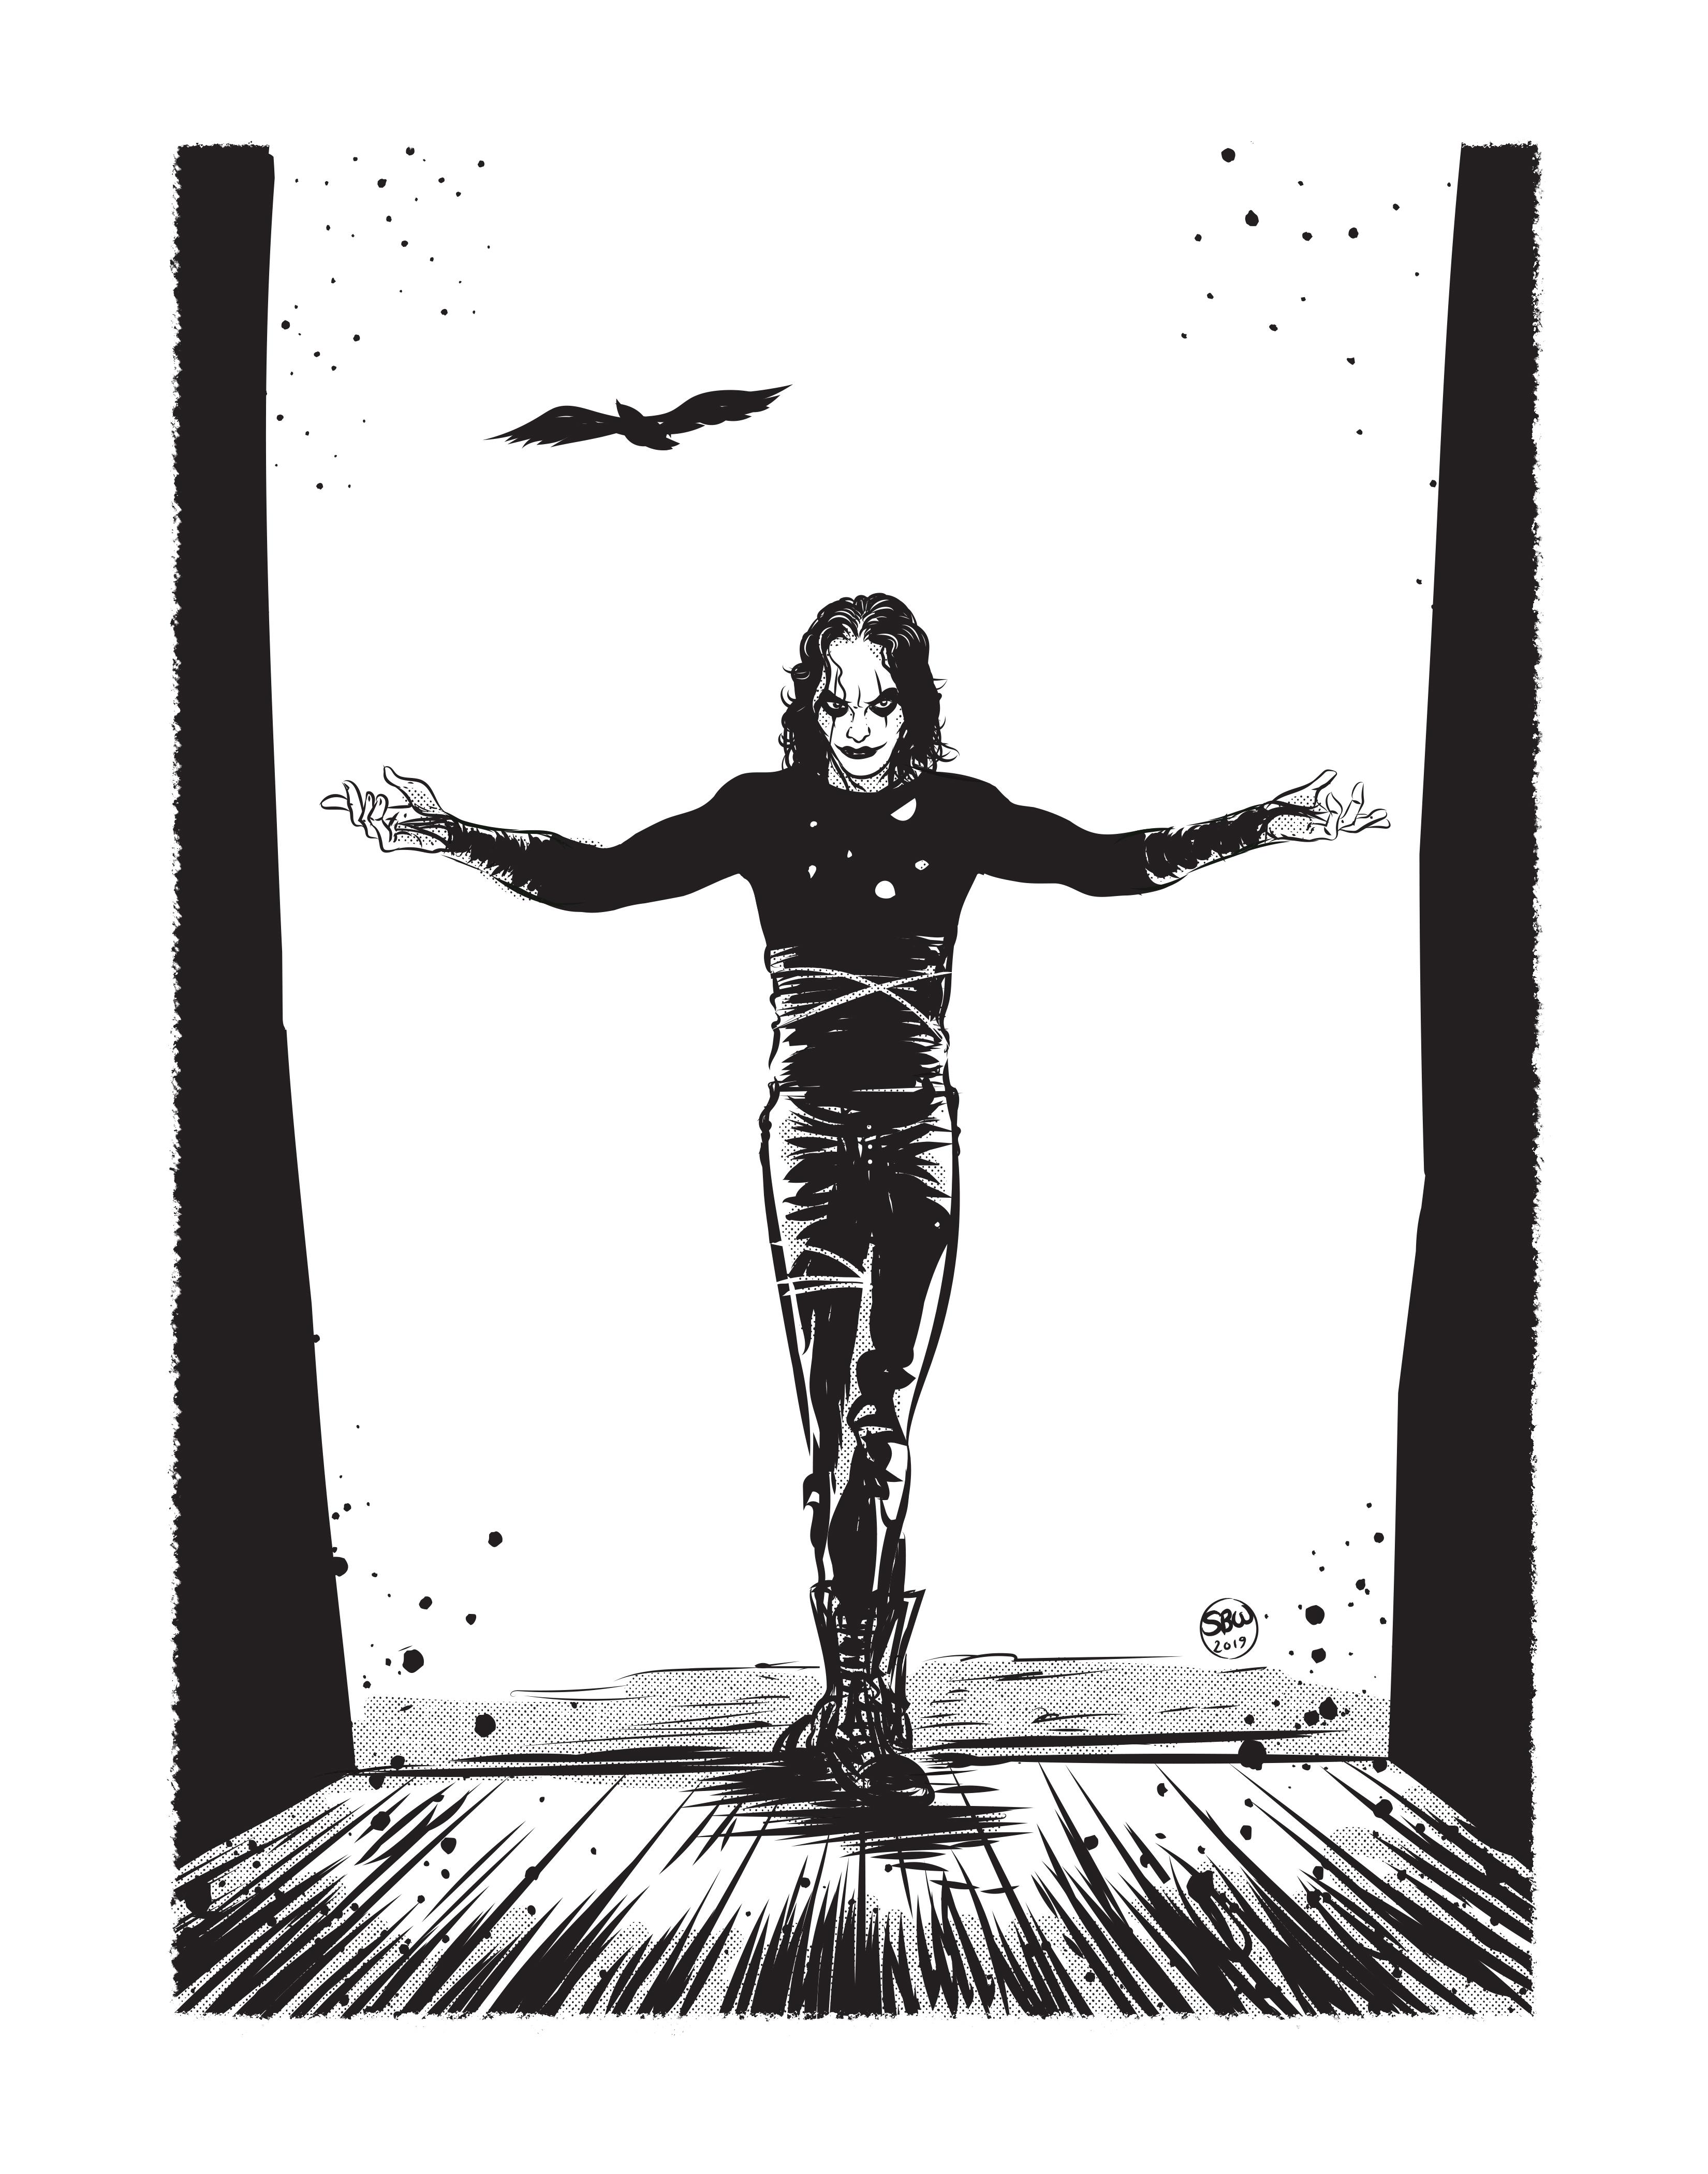 The_Crow_11x14_FA